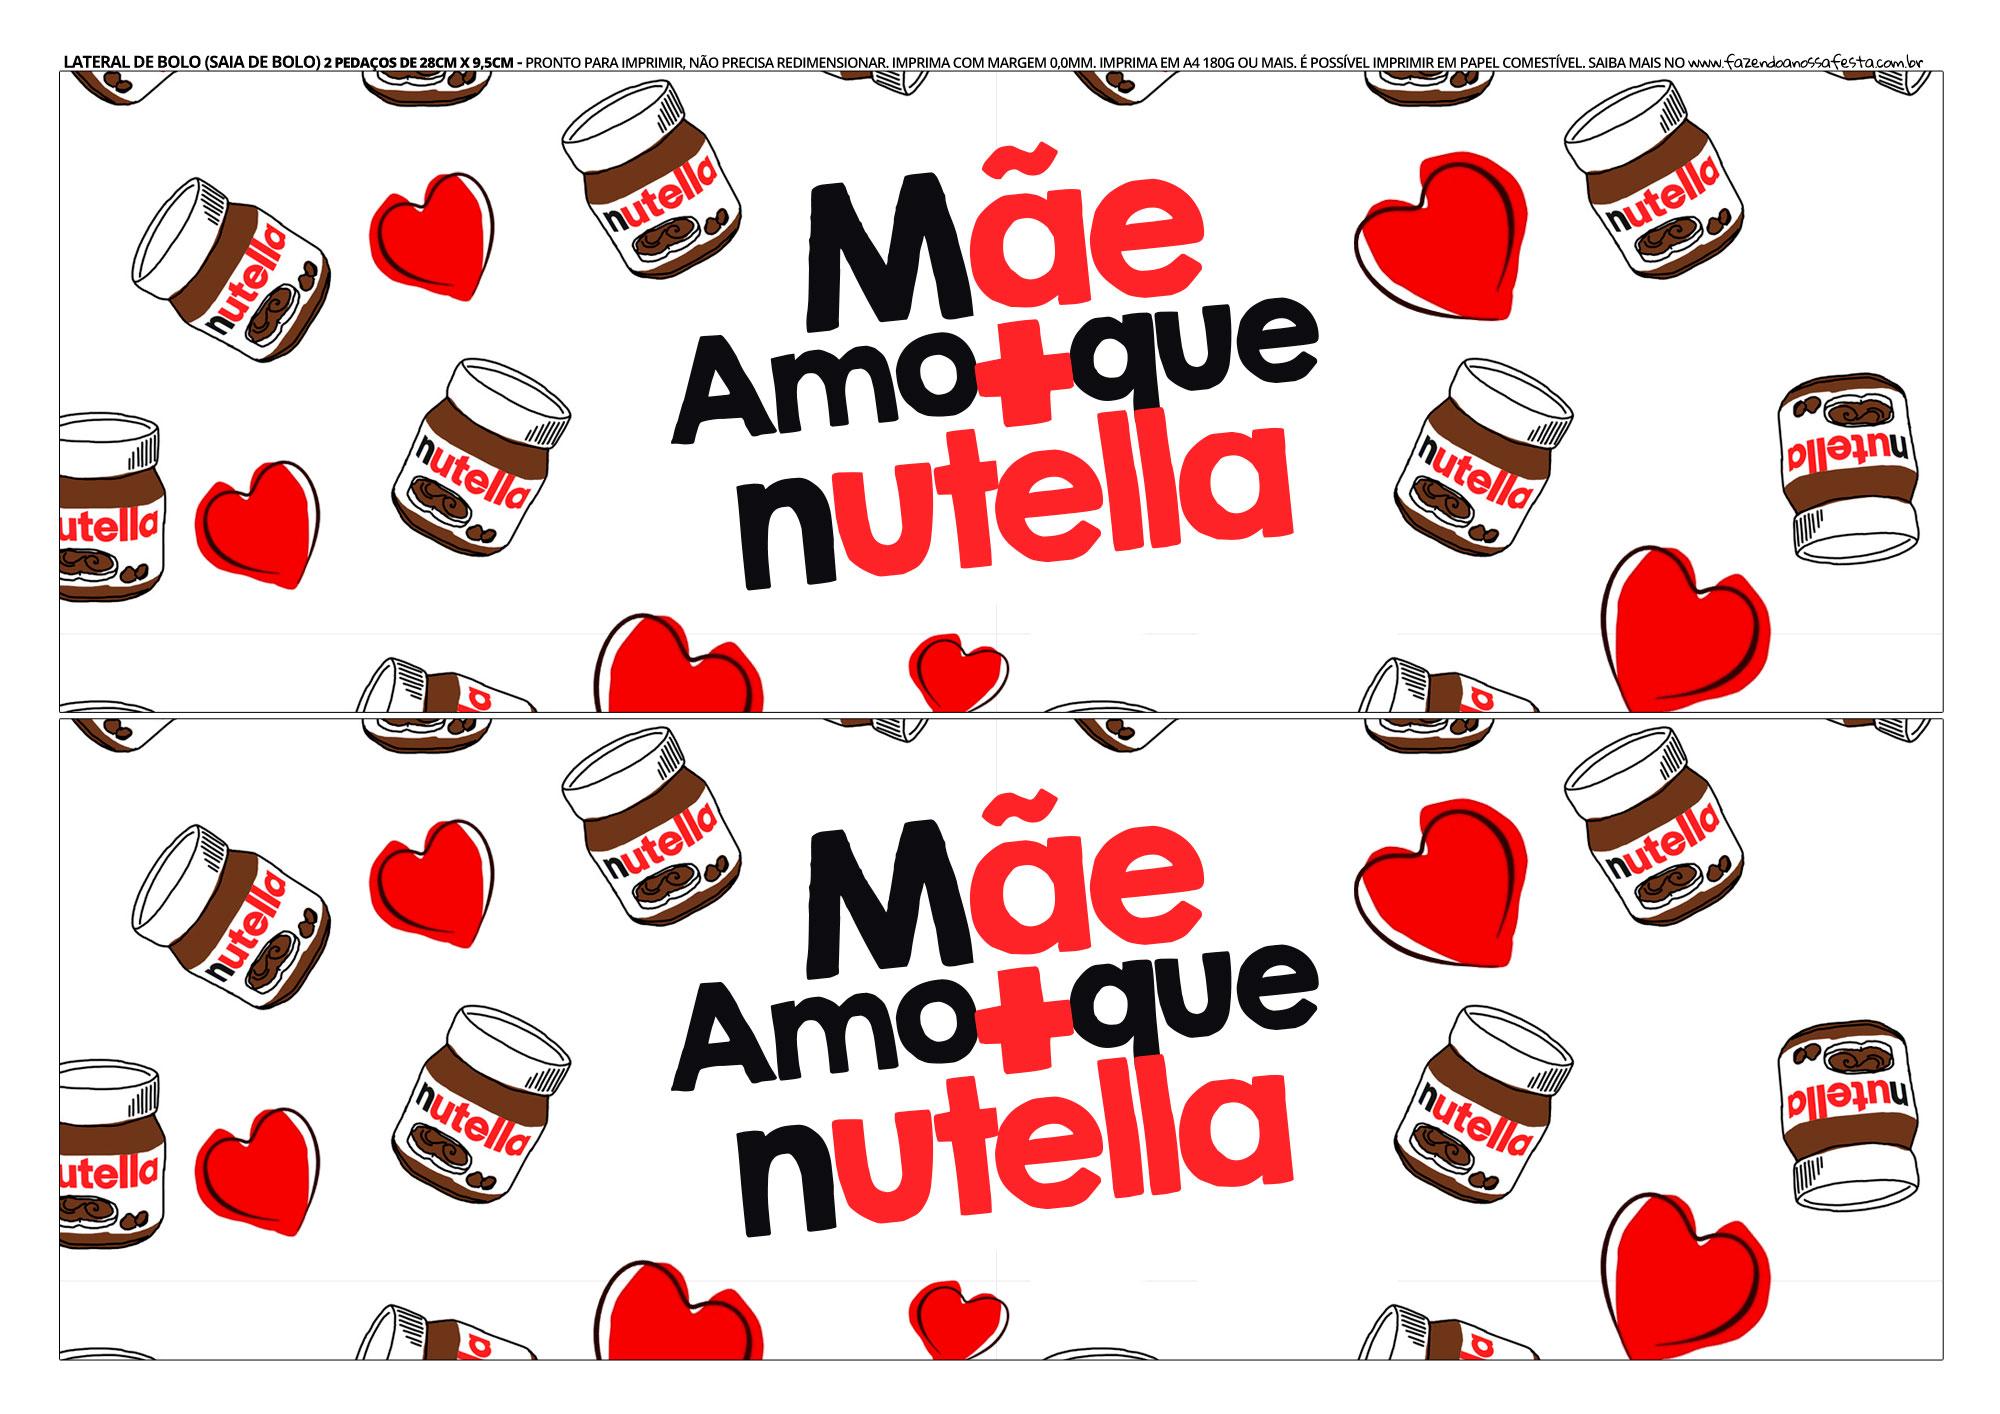 Faixa Lateral para Bolo Dia das Maes Nutella